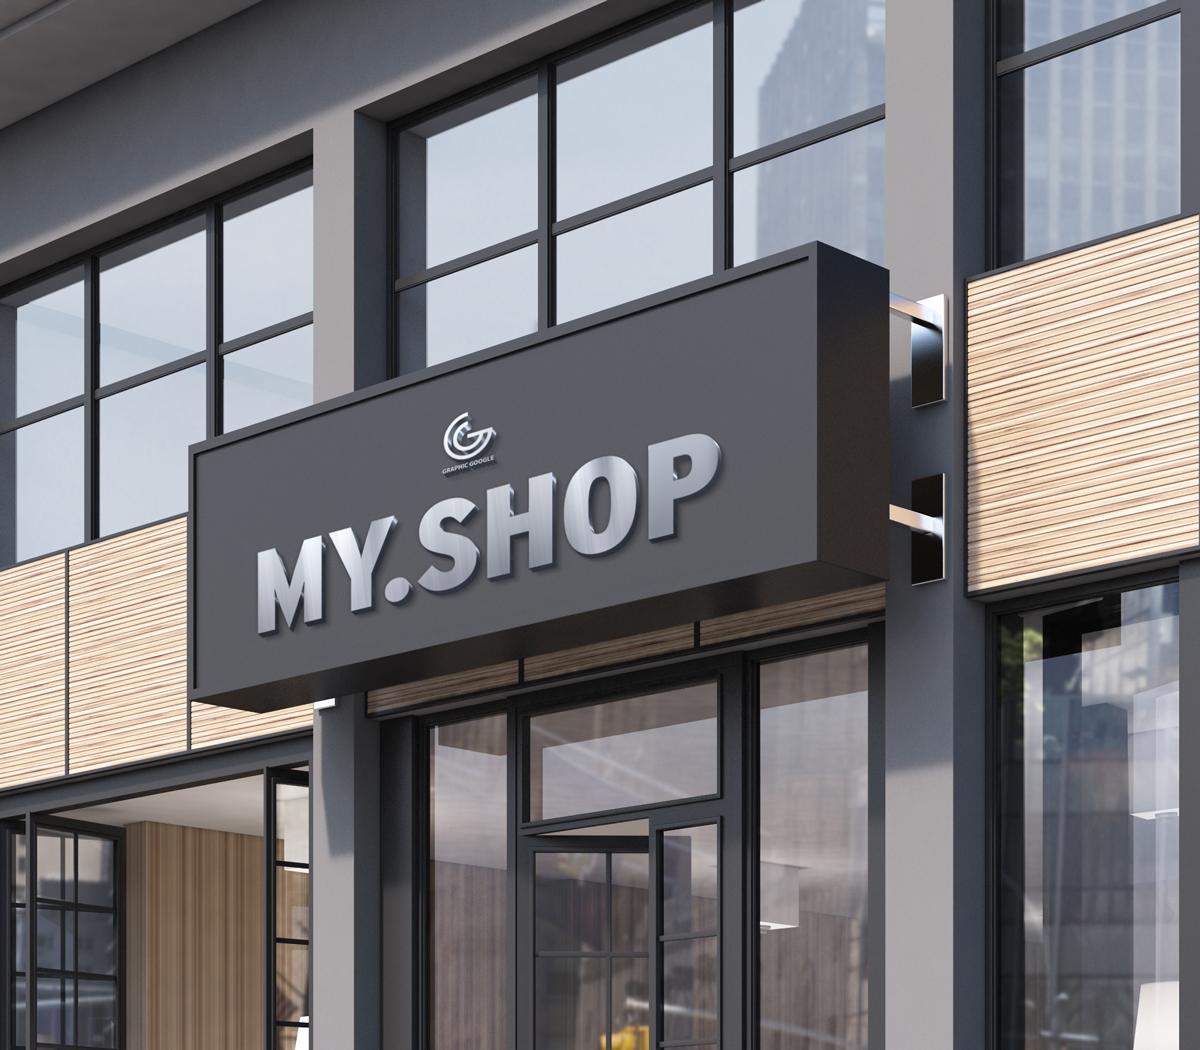 shop facade mockup in psd